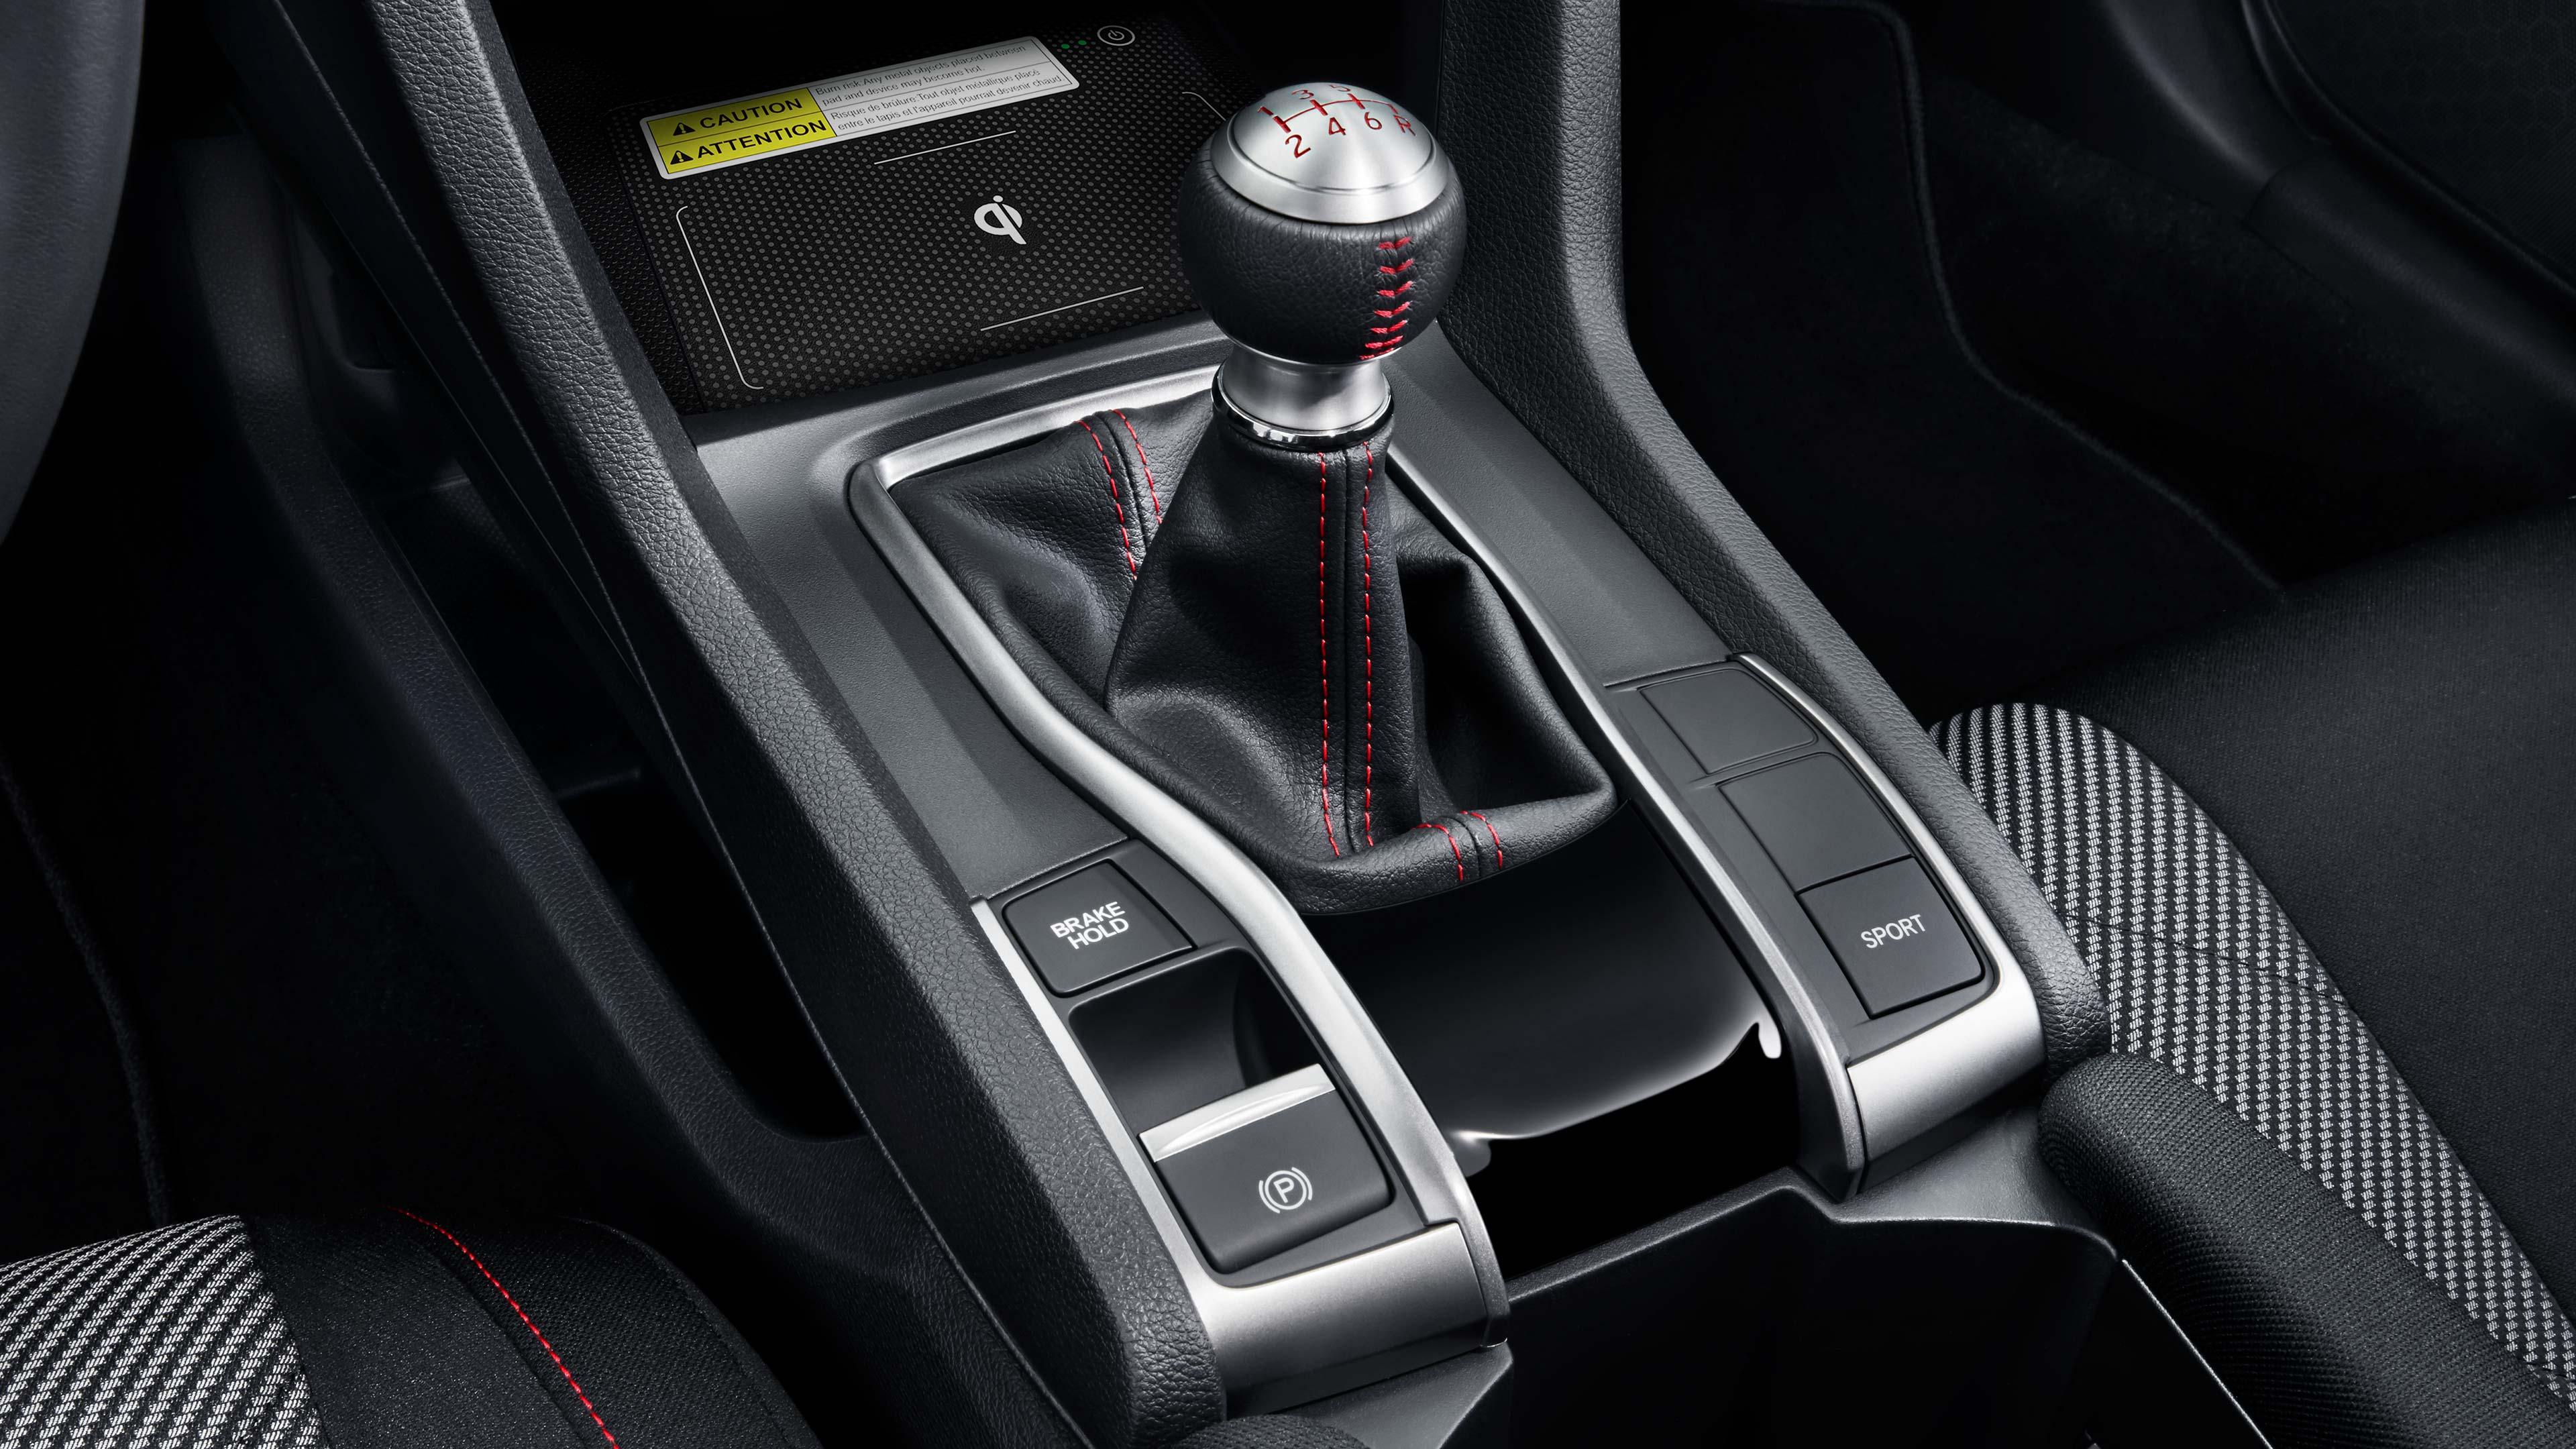 Civic Coupe Si Interior Gear Shift